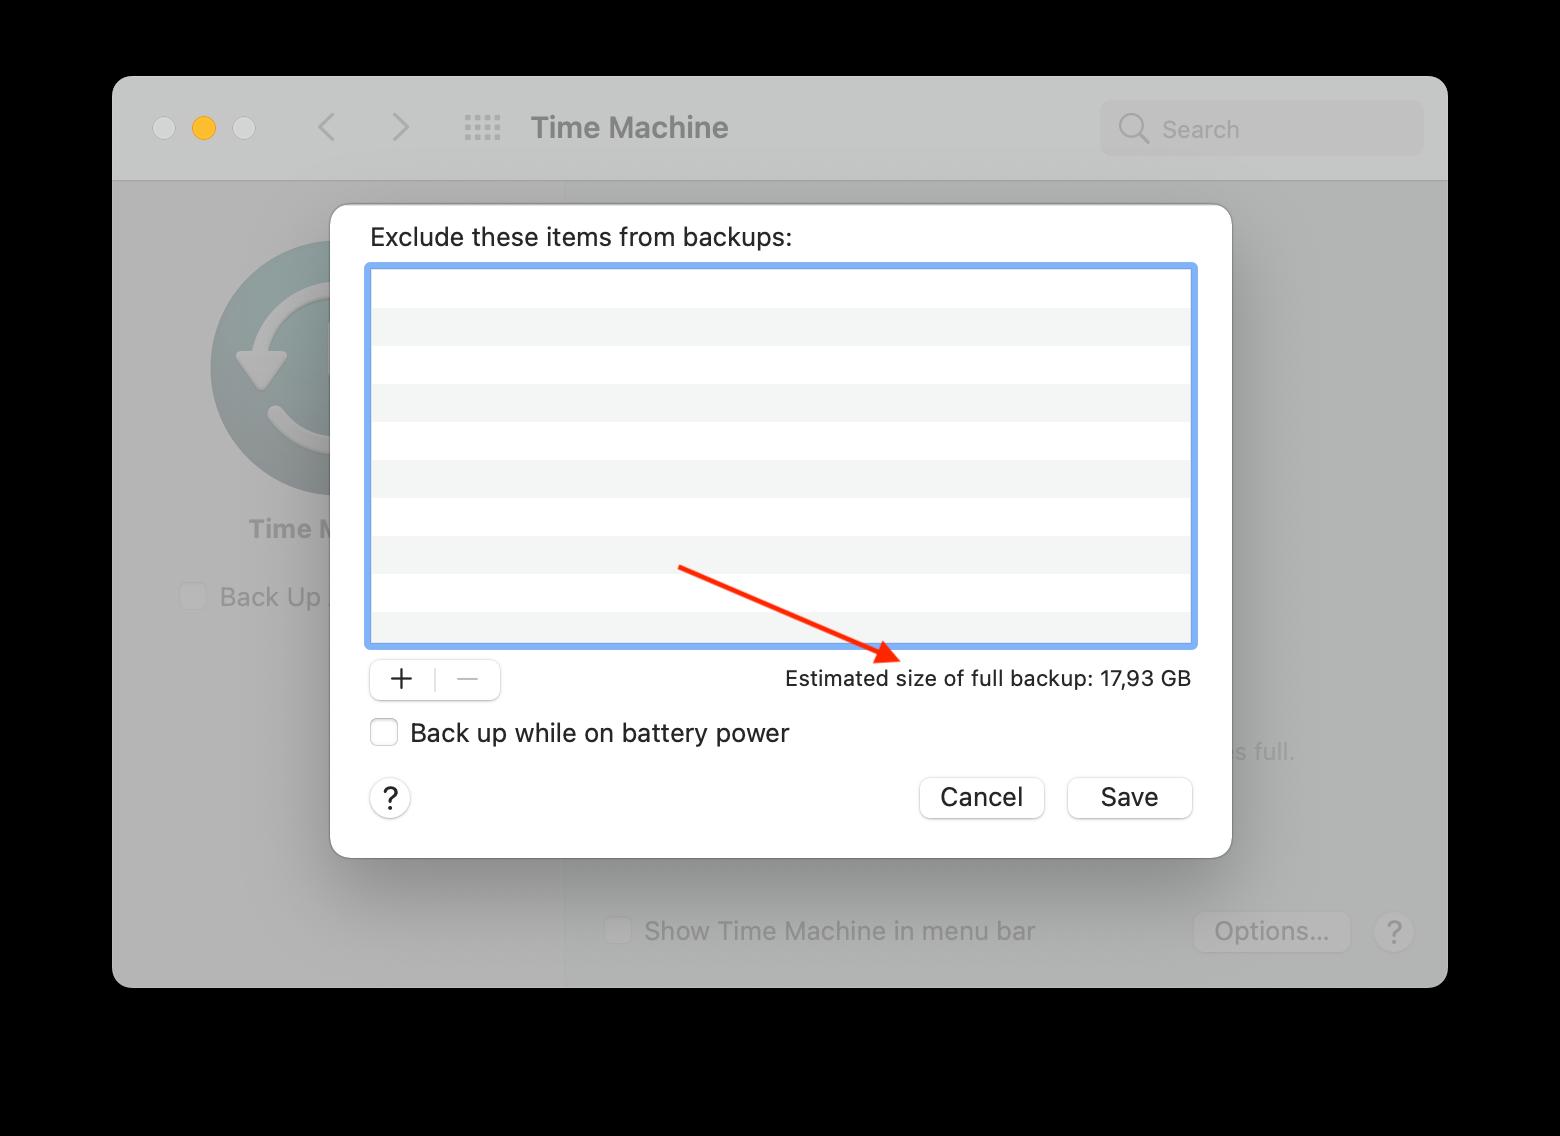 estimated time machine backup size